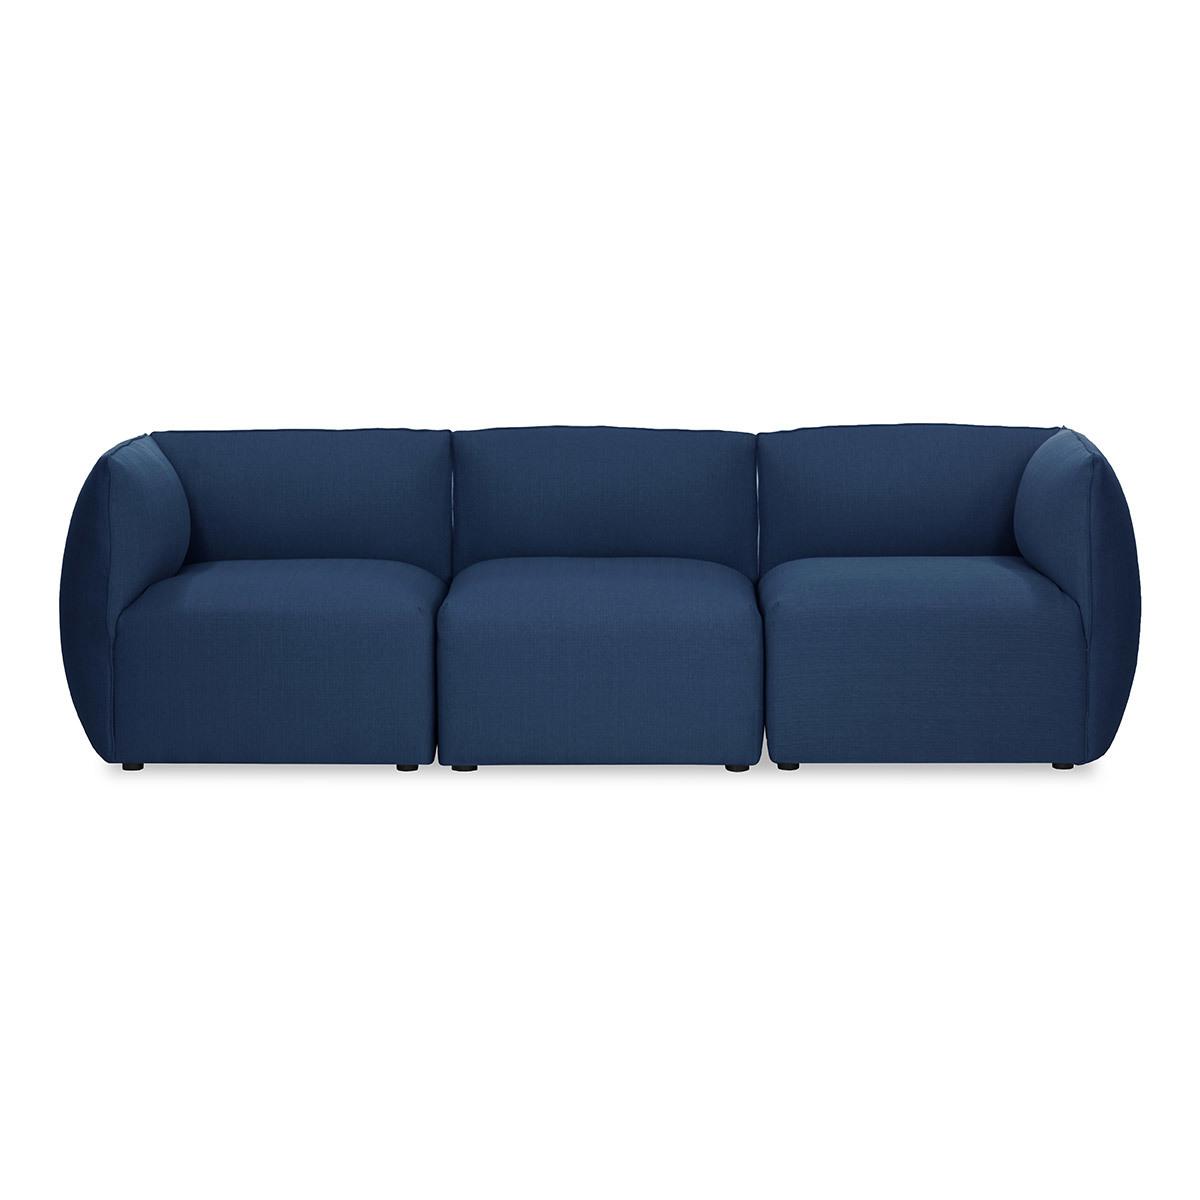 Divano design modulabile Blu scuro 3 posti MODULO